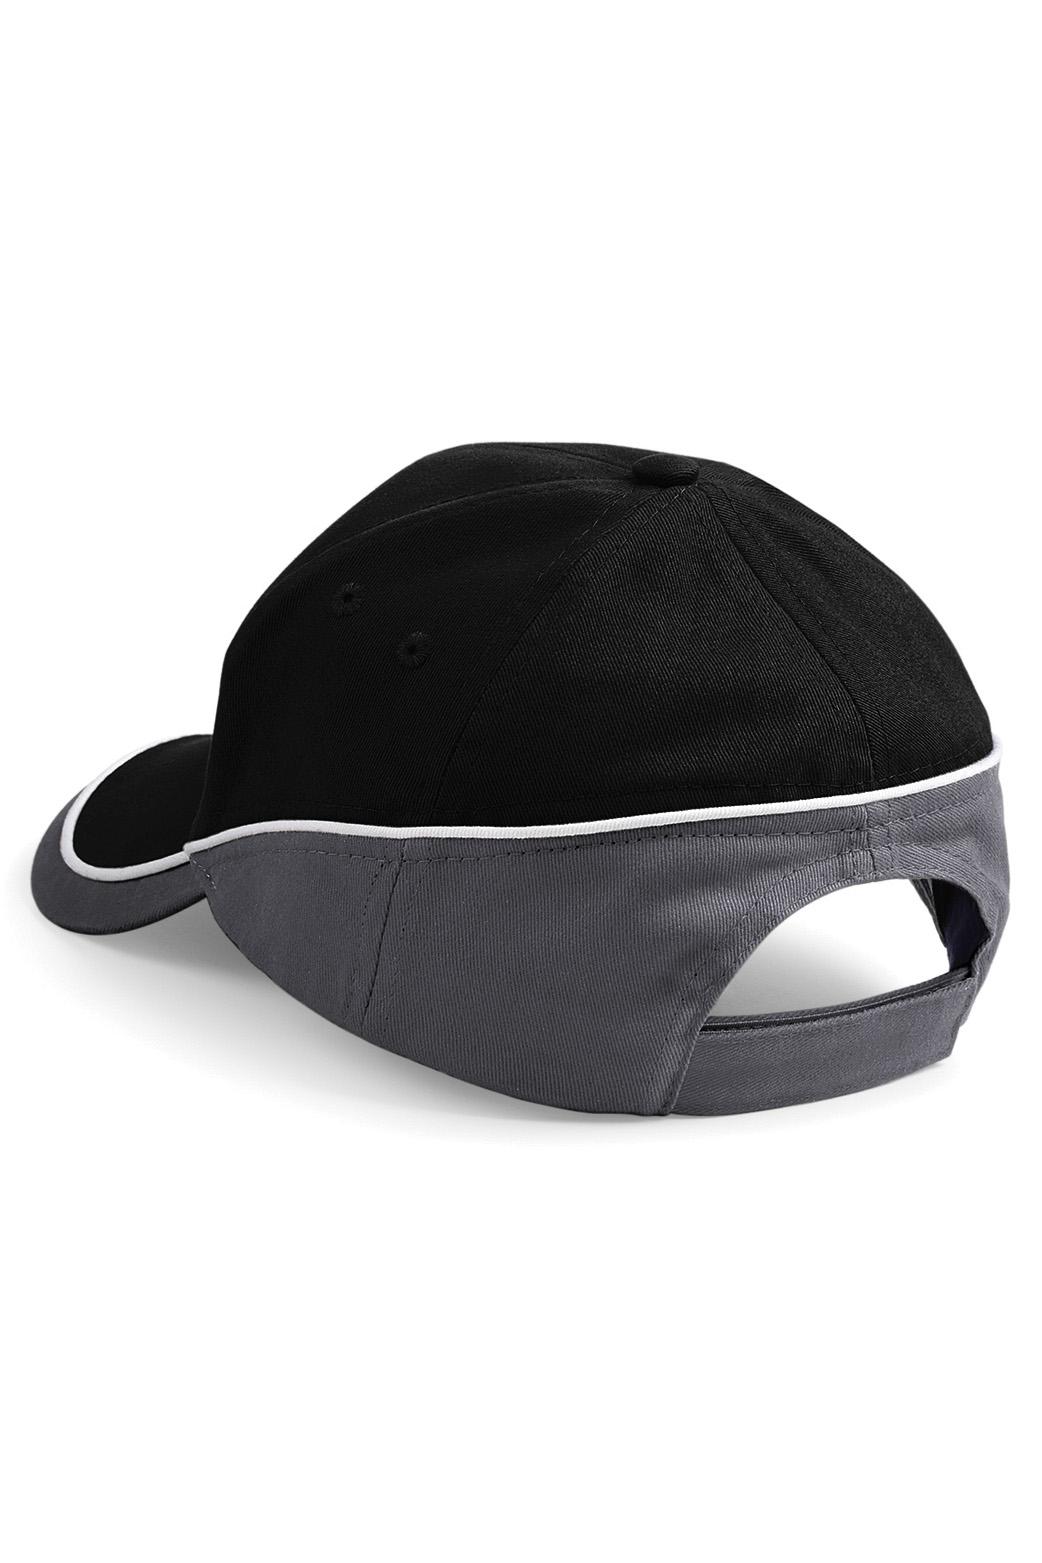 Teamwear Lippis Musta - Grafiitti - Valkoinen Takaa